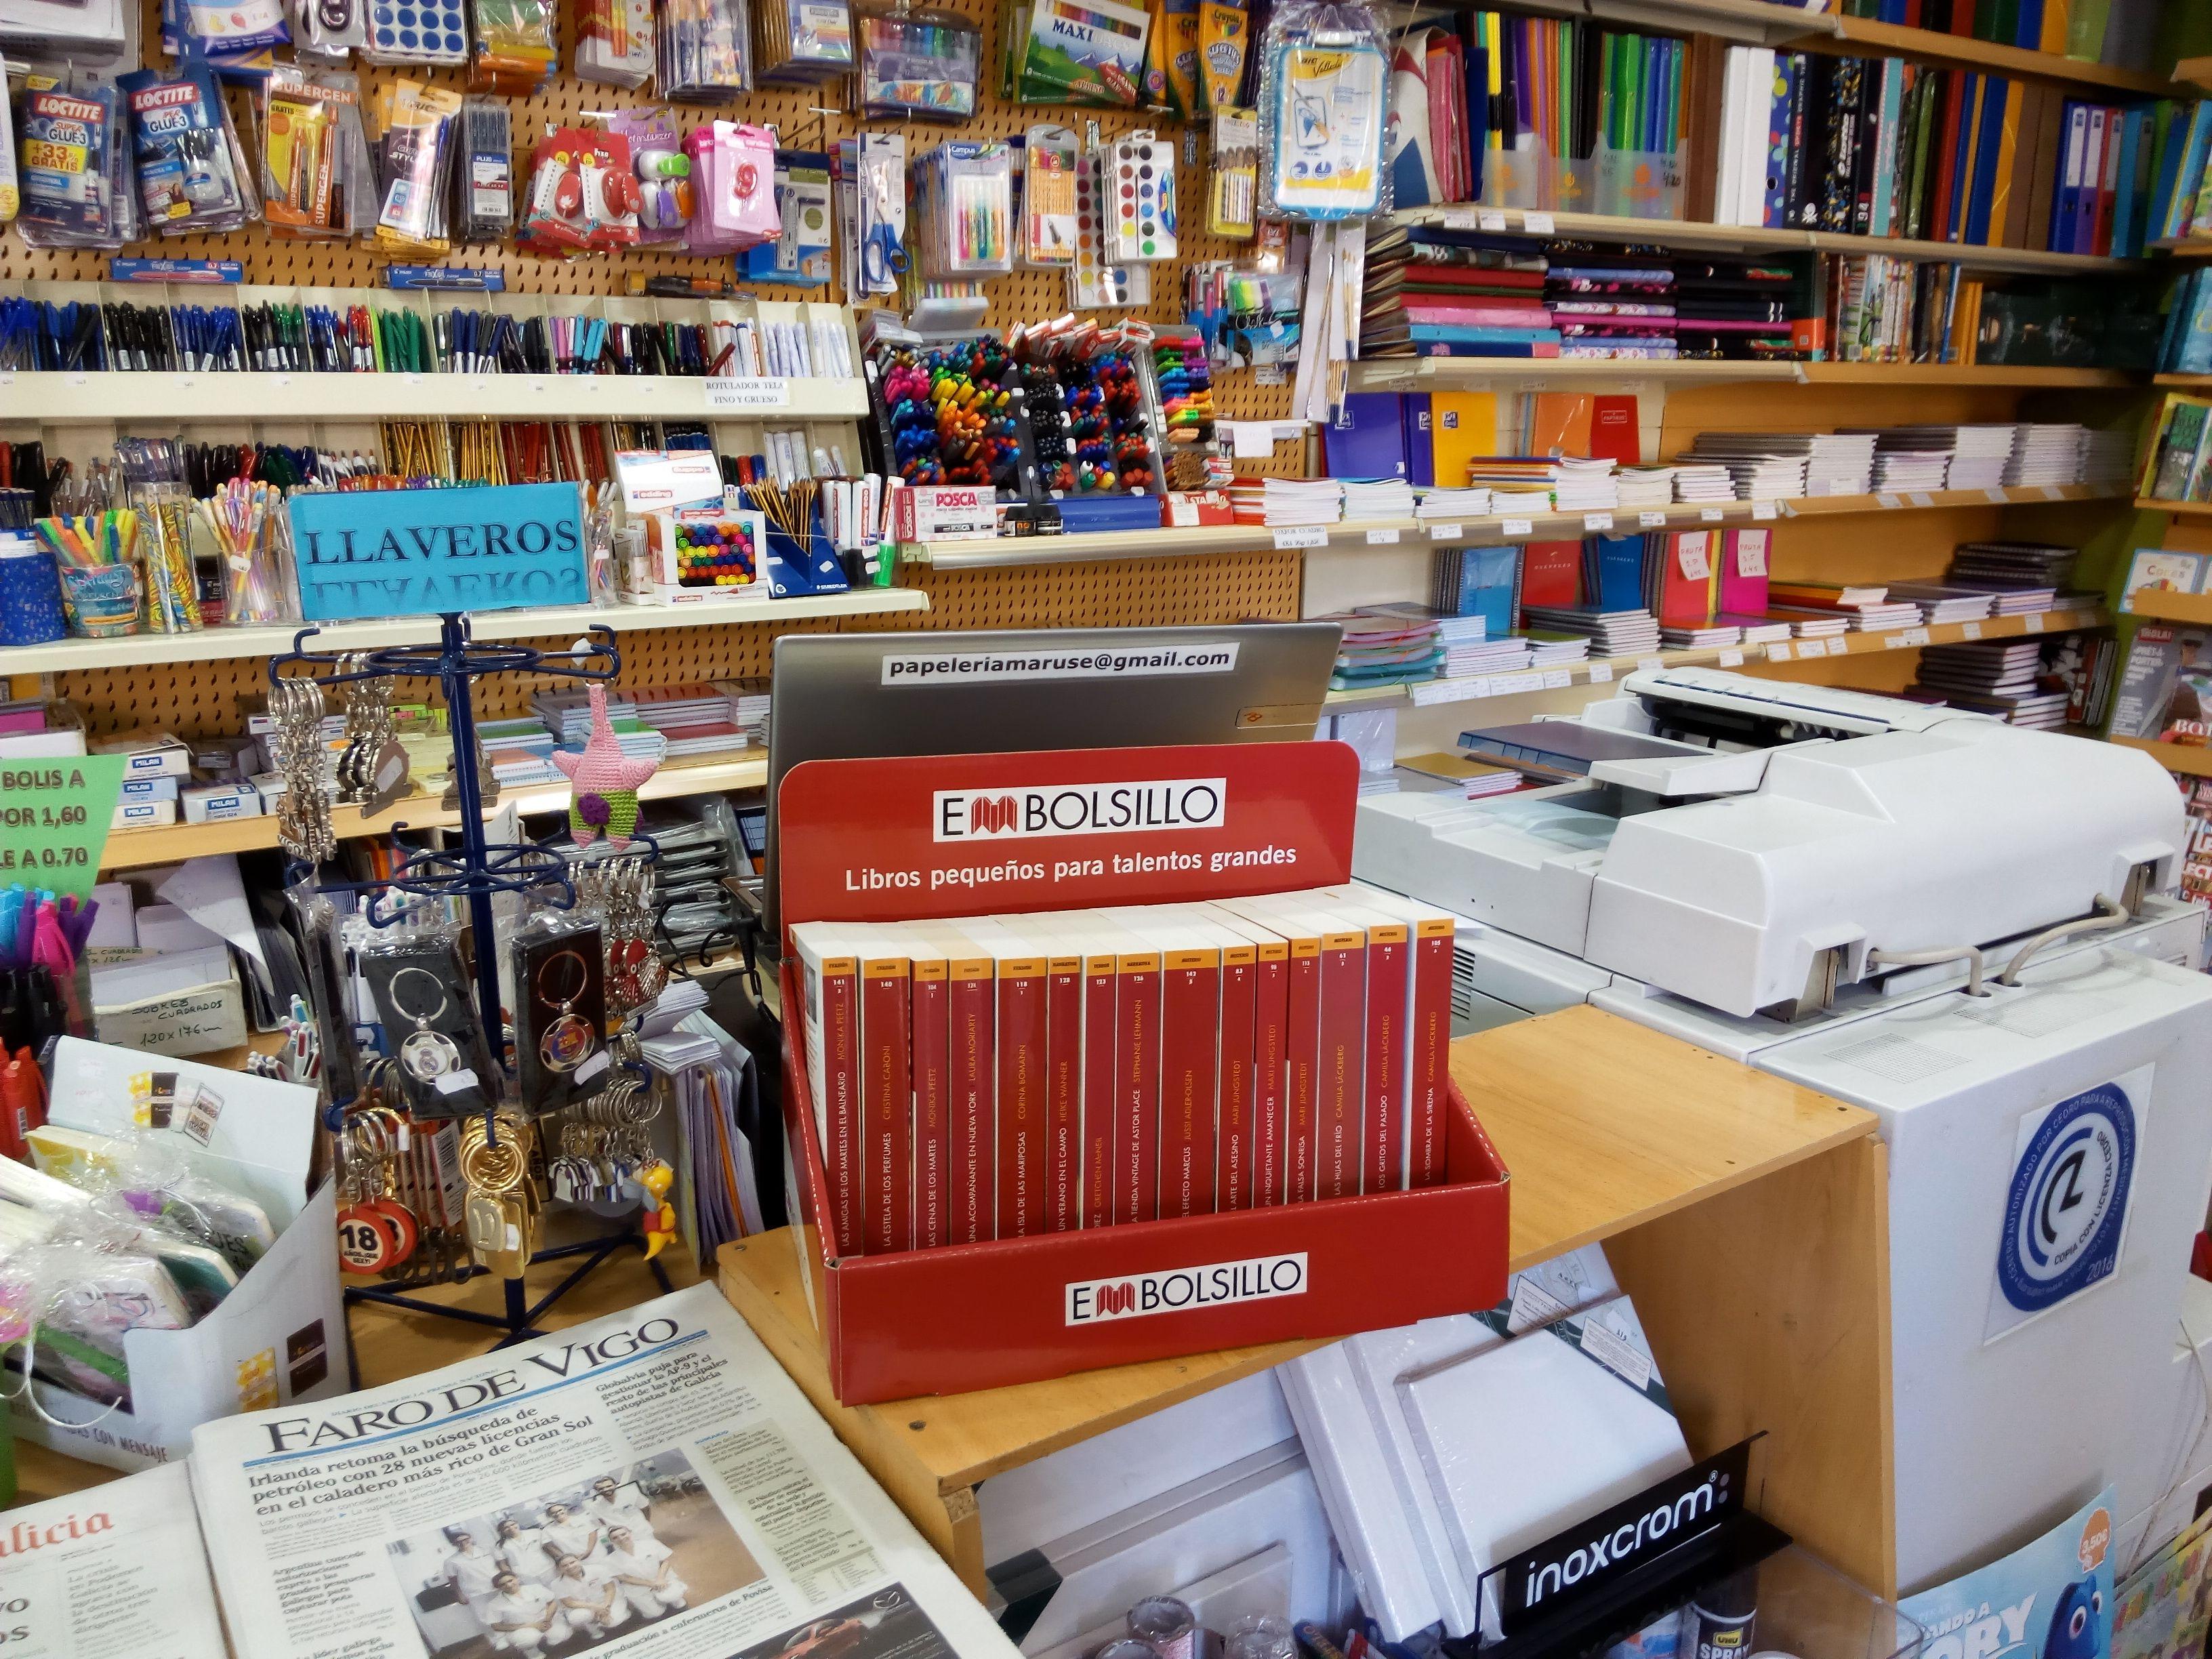 Expositor De Embolsillo En La Libreria Maruse De Vigo